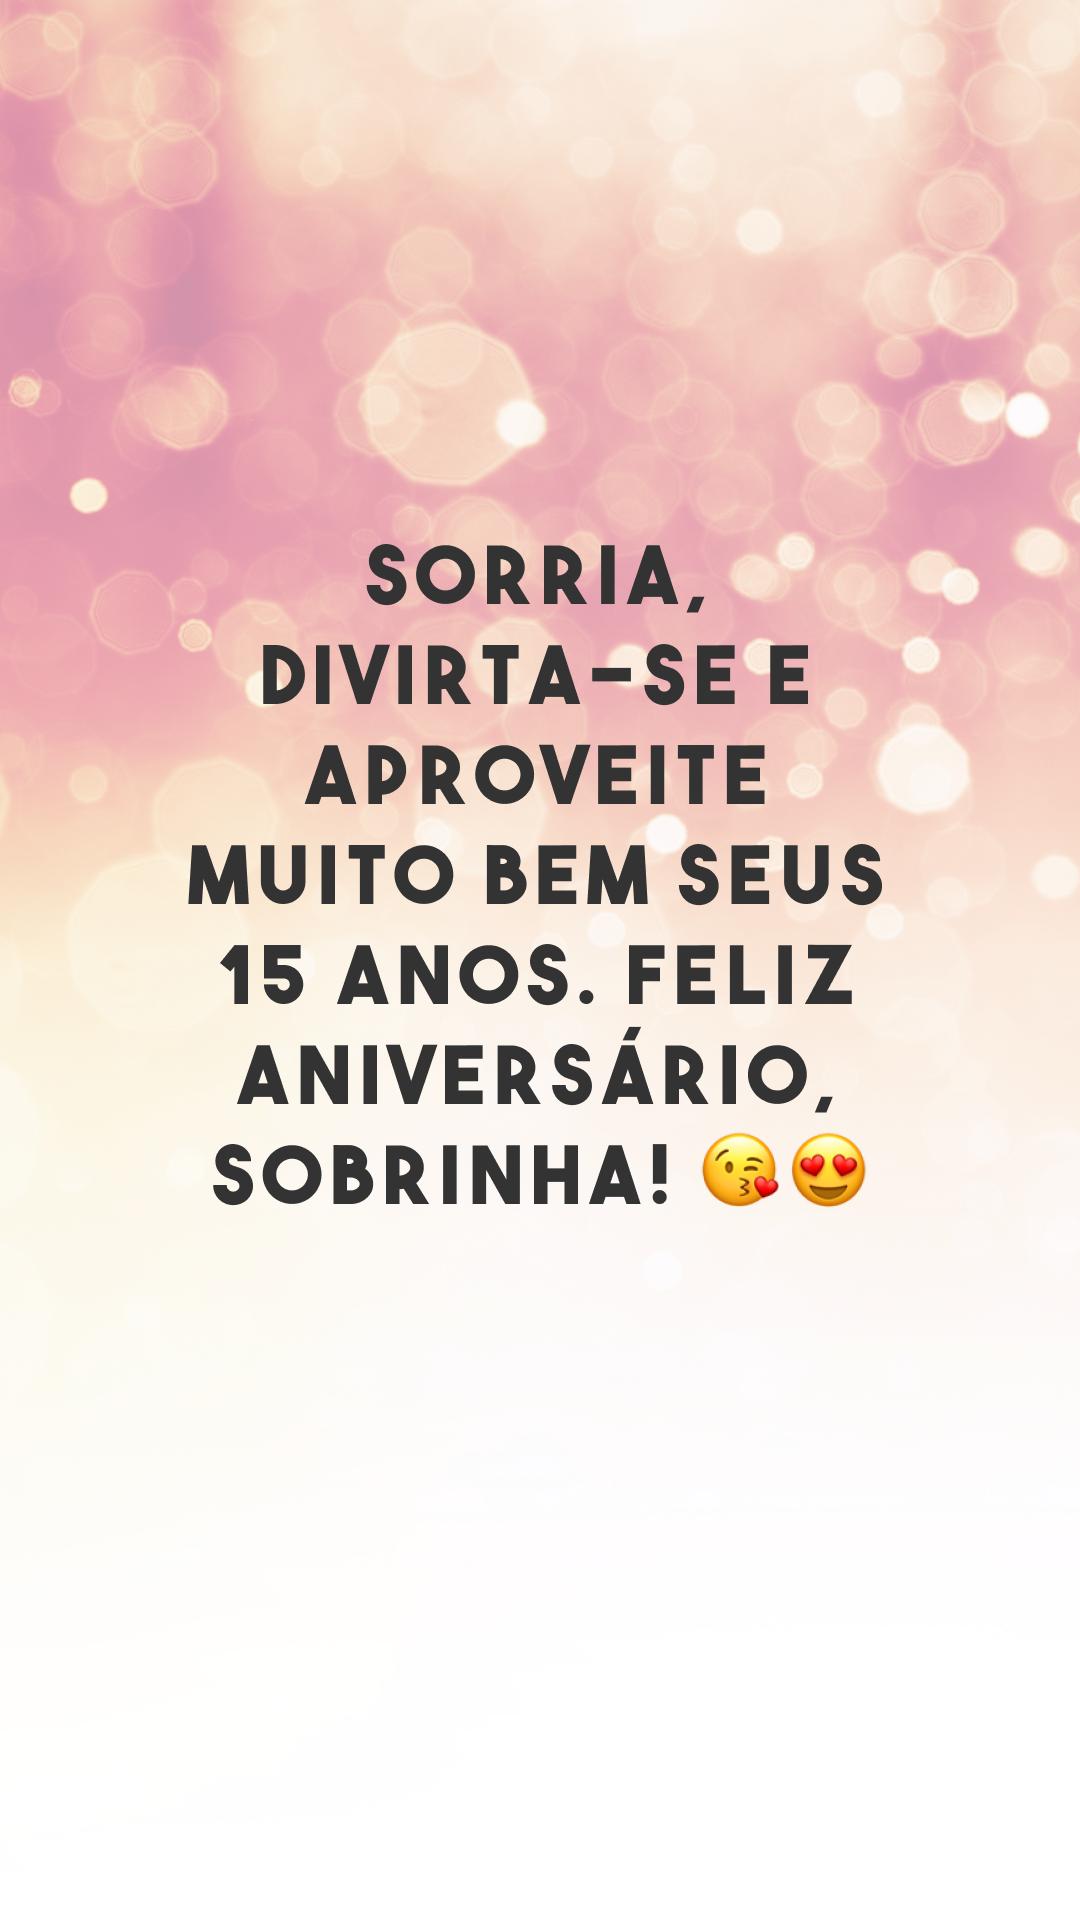 Sorria, divirta-se e aproveite muito bem seus 15 anos. Feliz aniversário, sobrinha! 😘😍